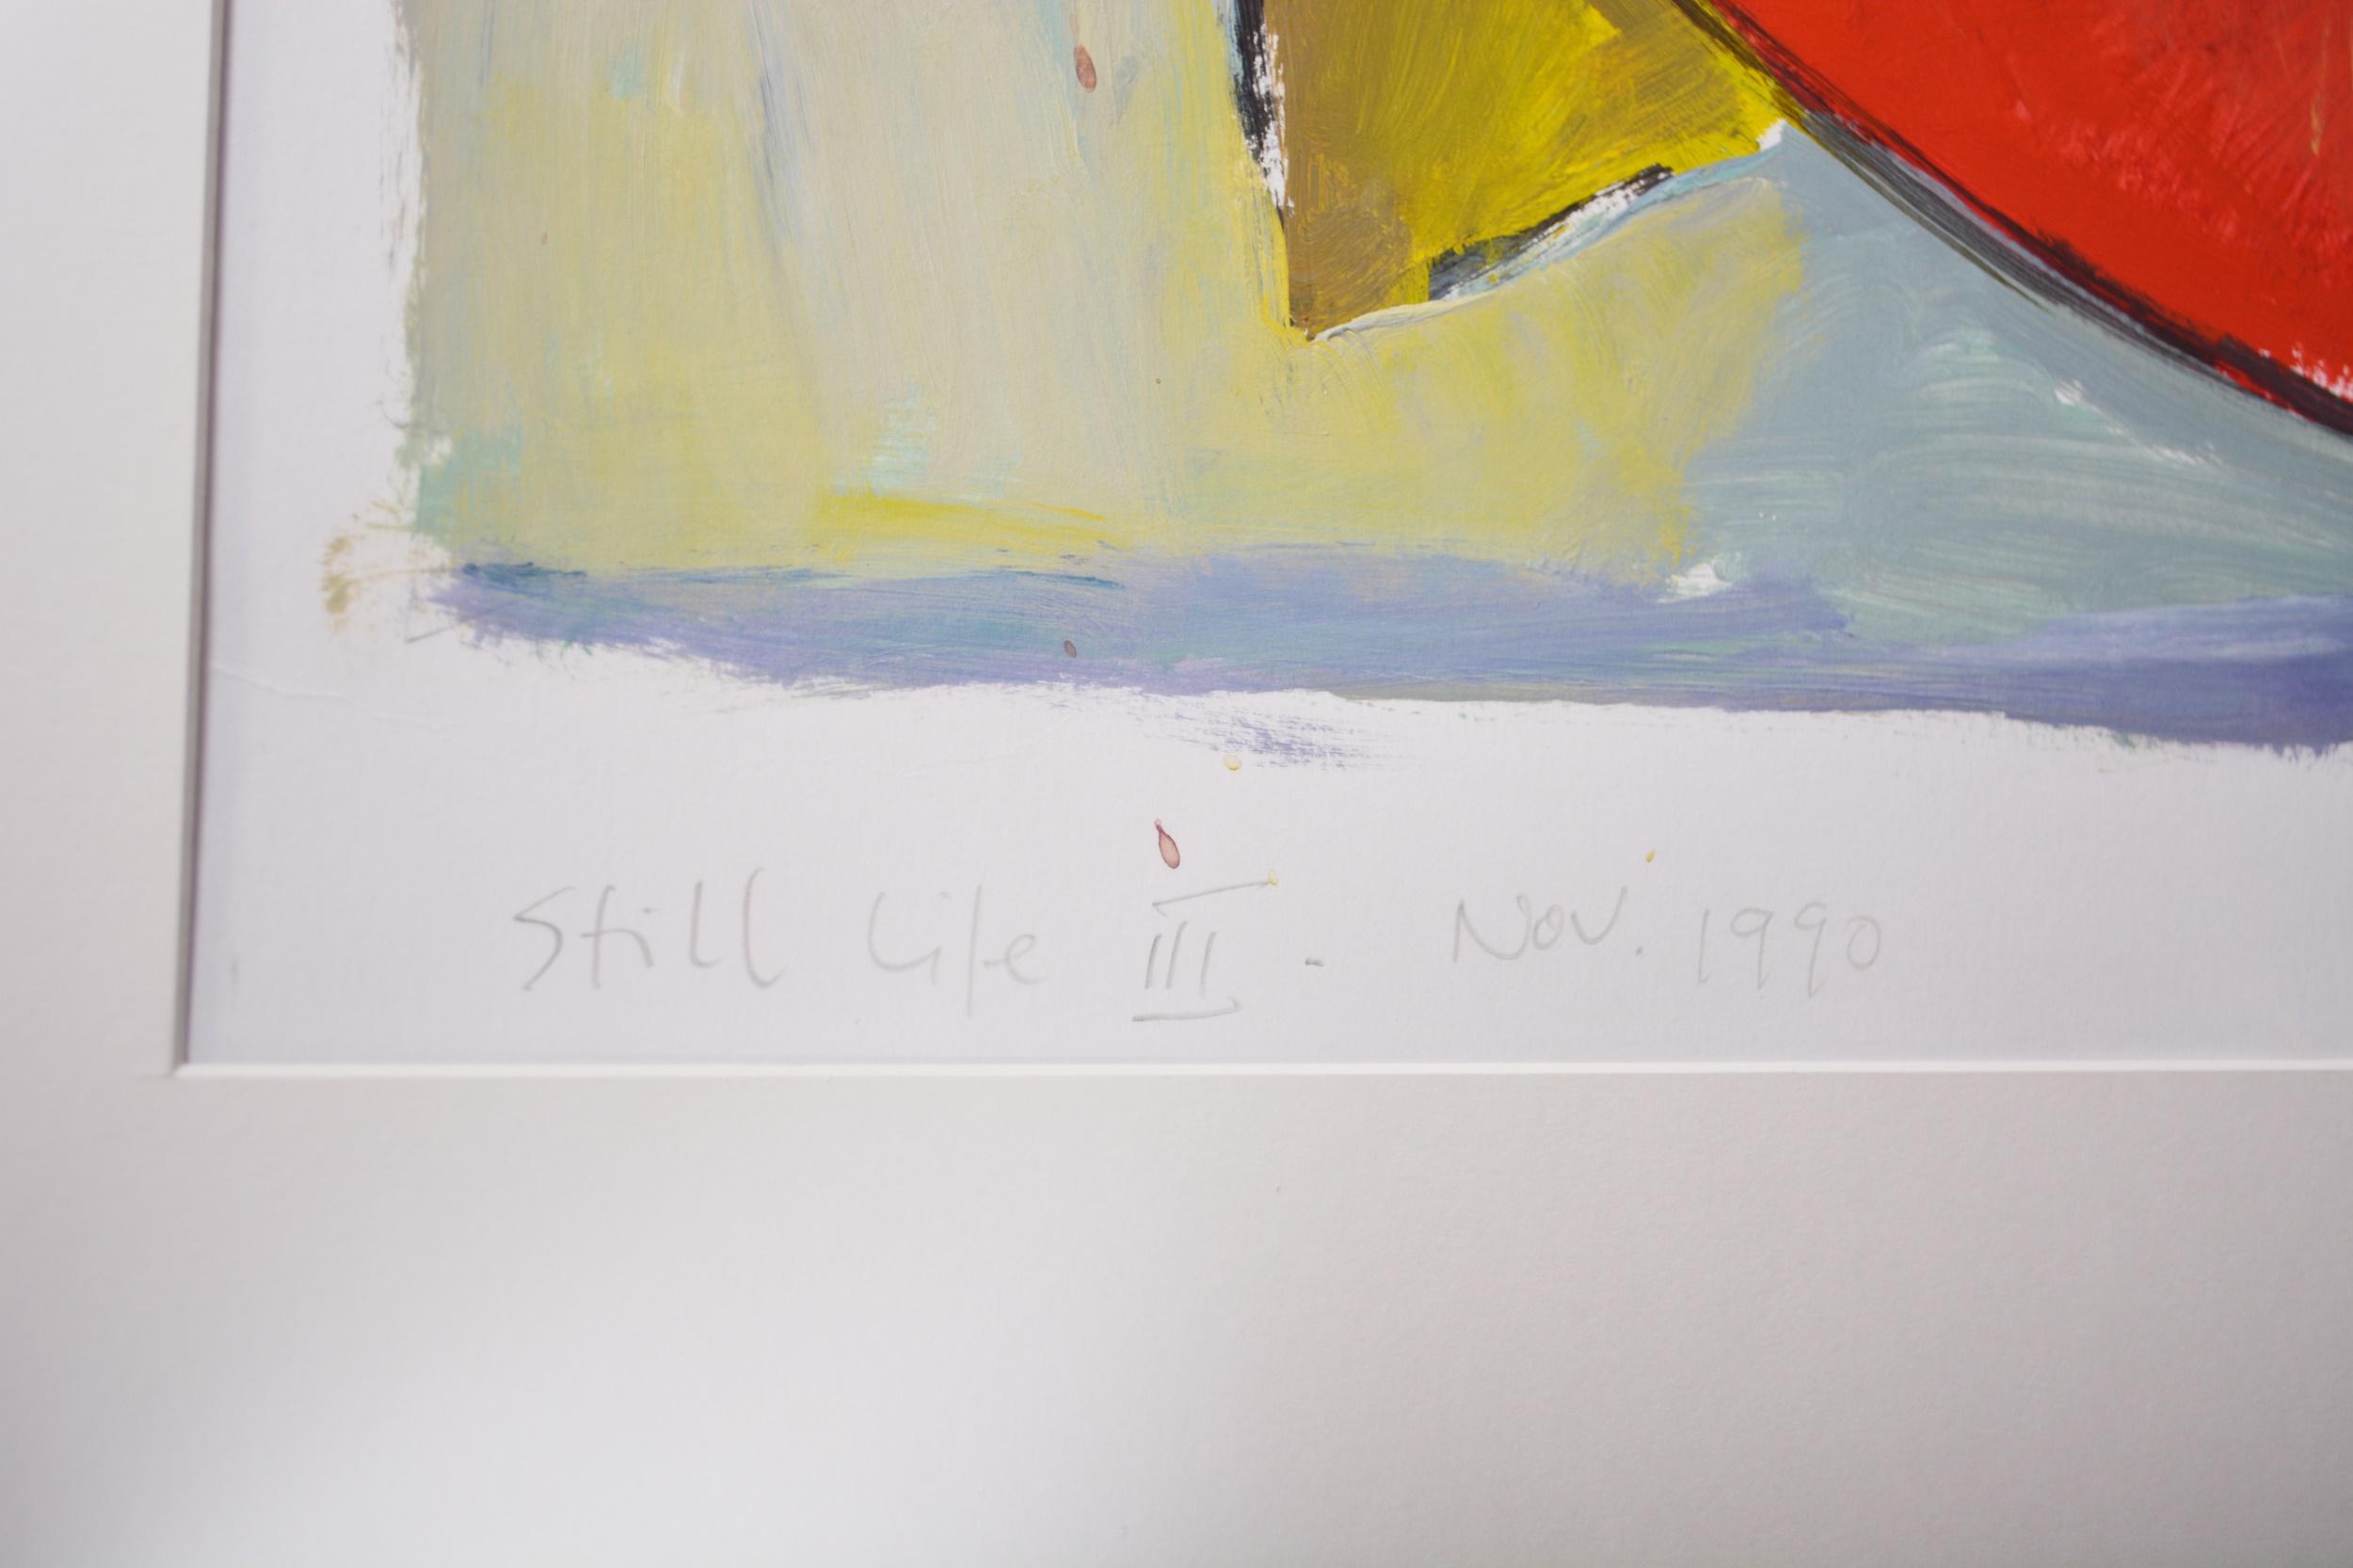 Philip Vencken - Still Life III - Image 4 of 5